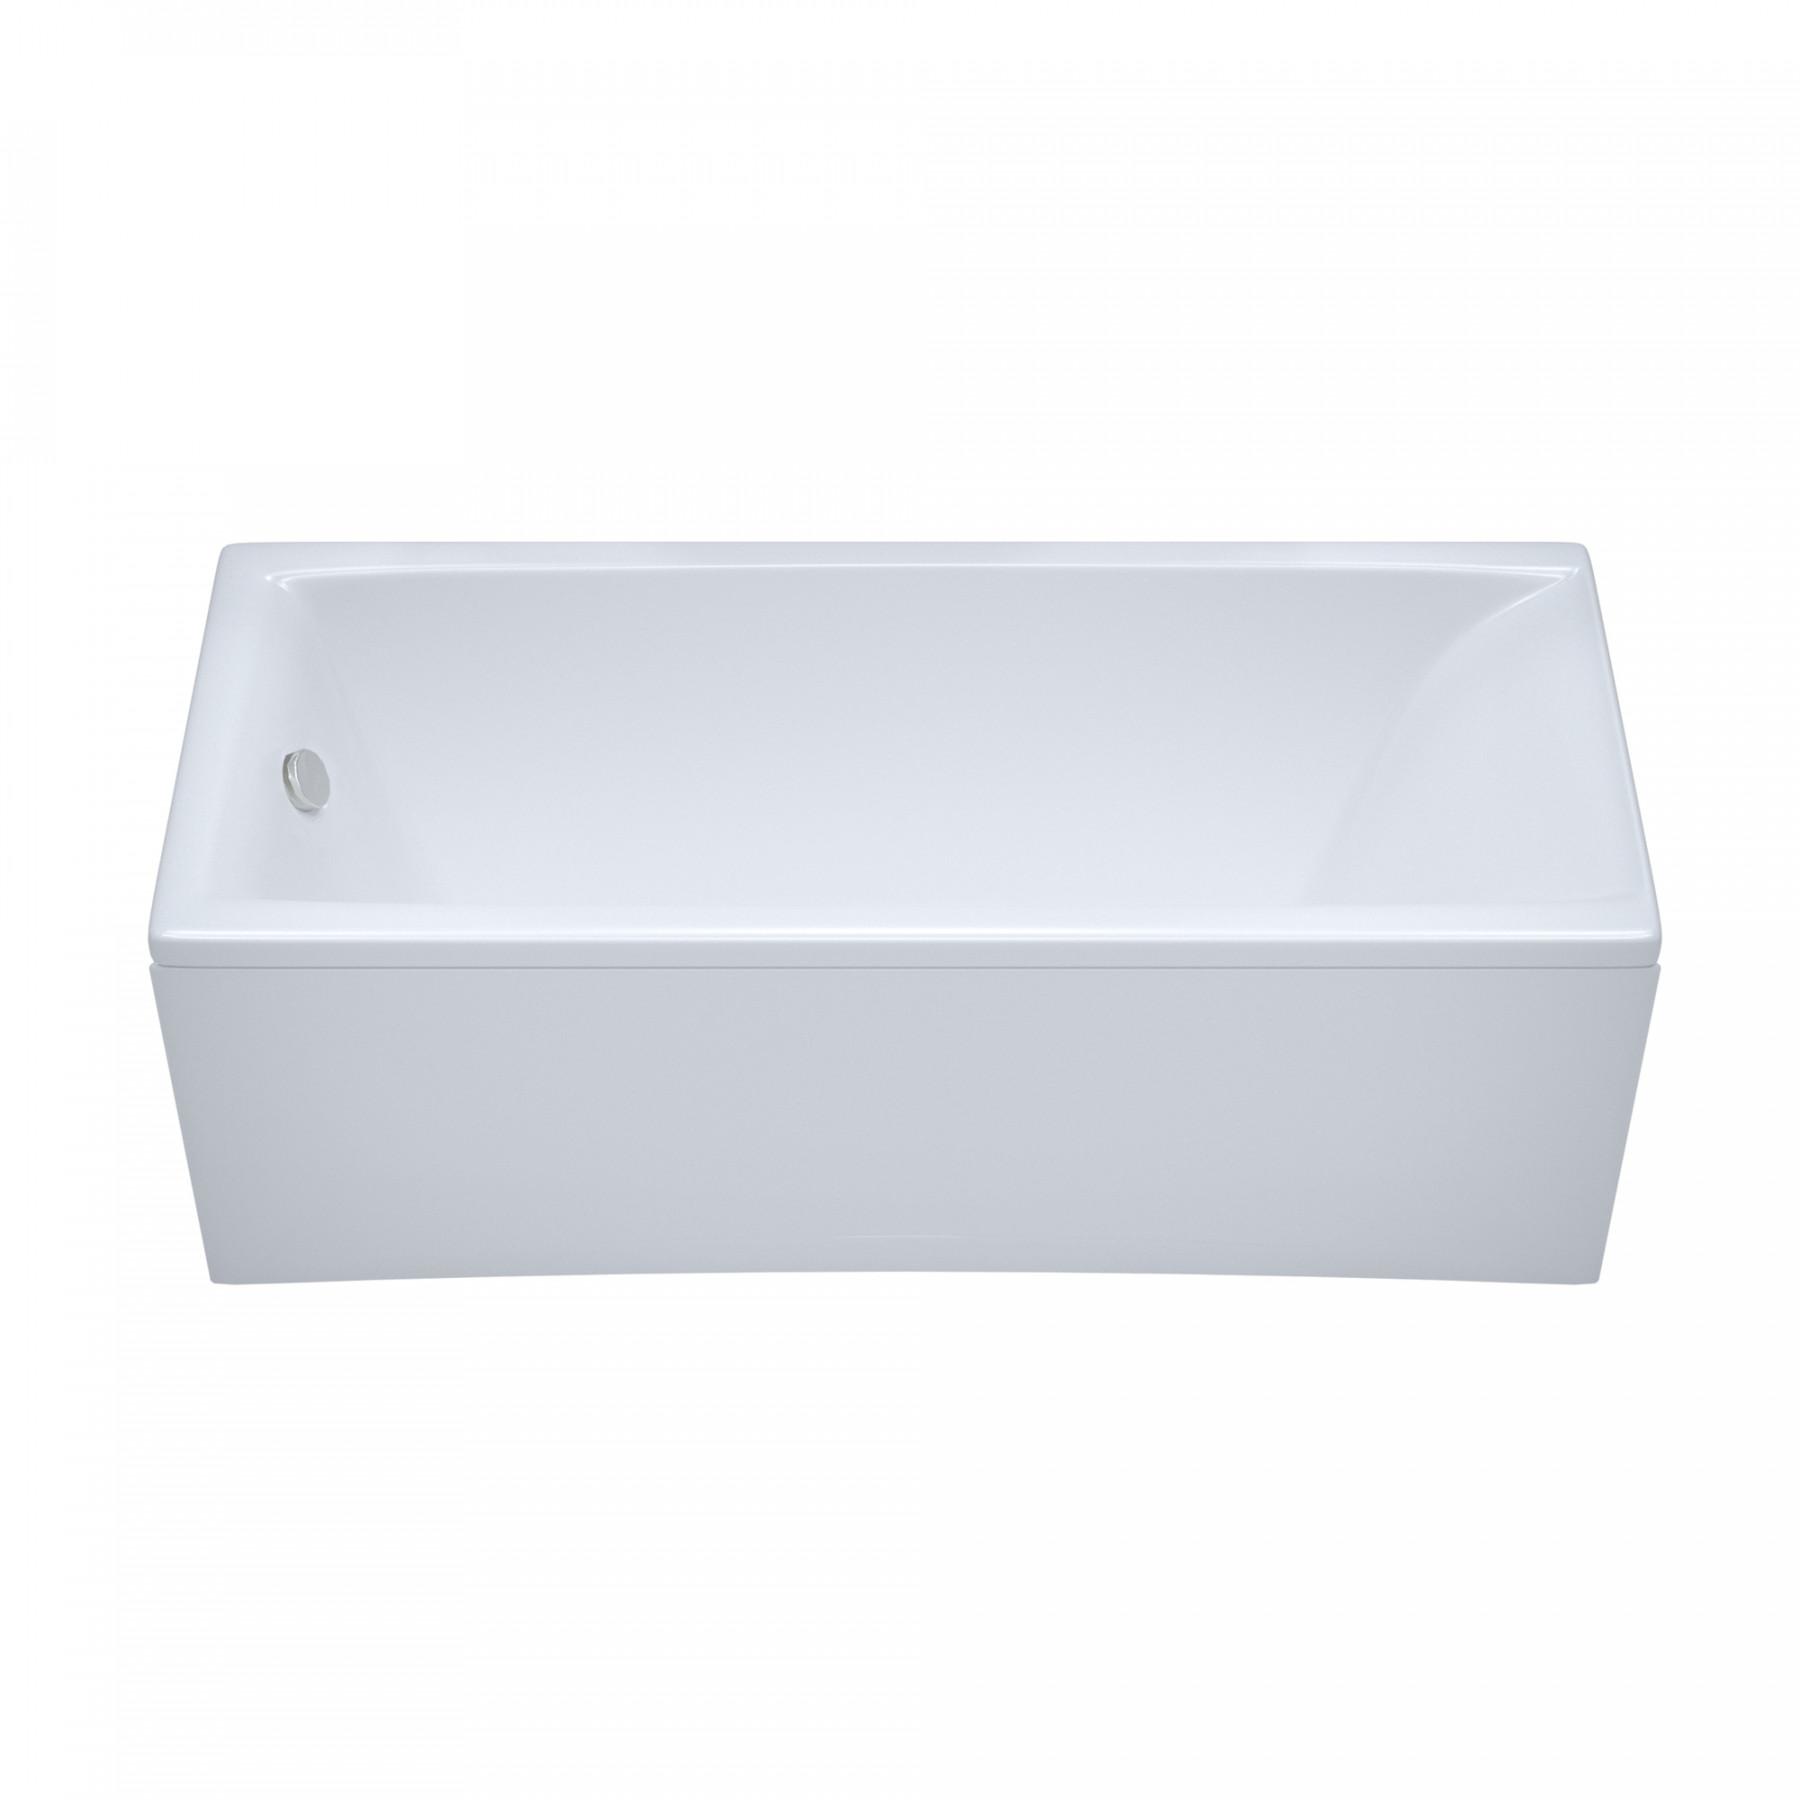 Акриловая ванна Triton Джена 150x70